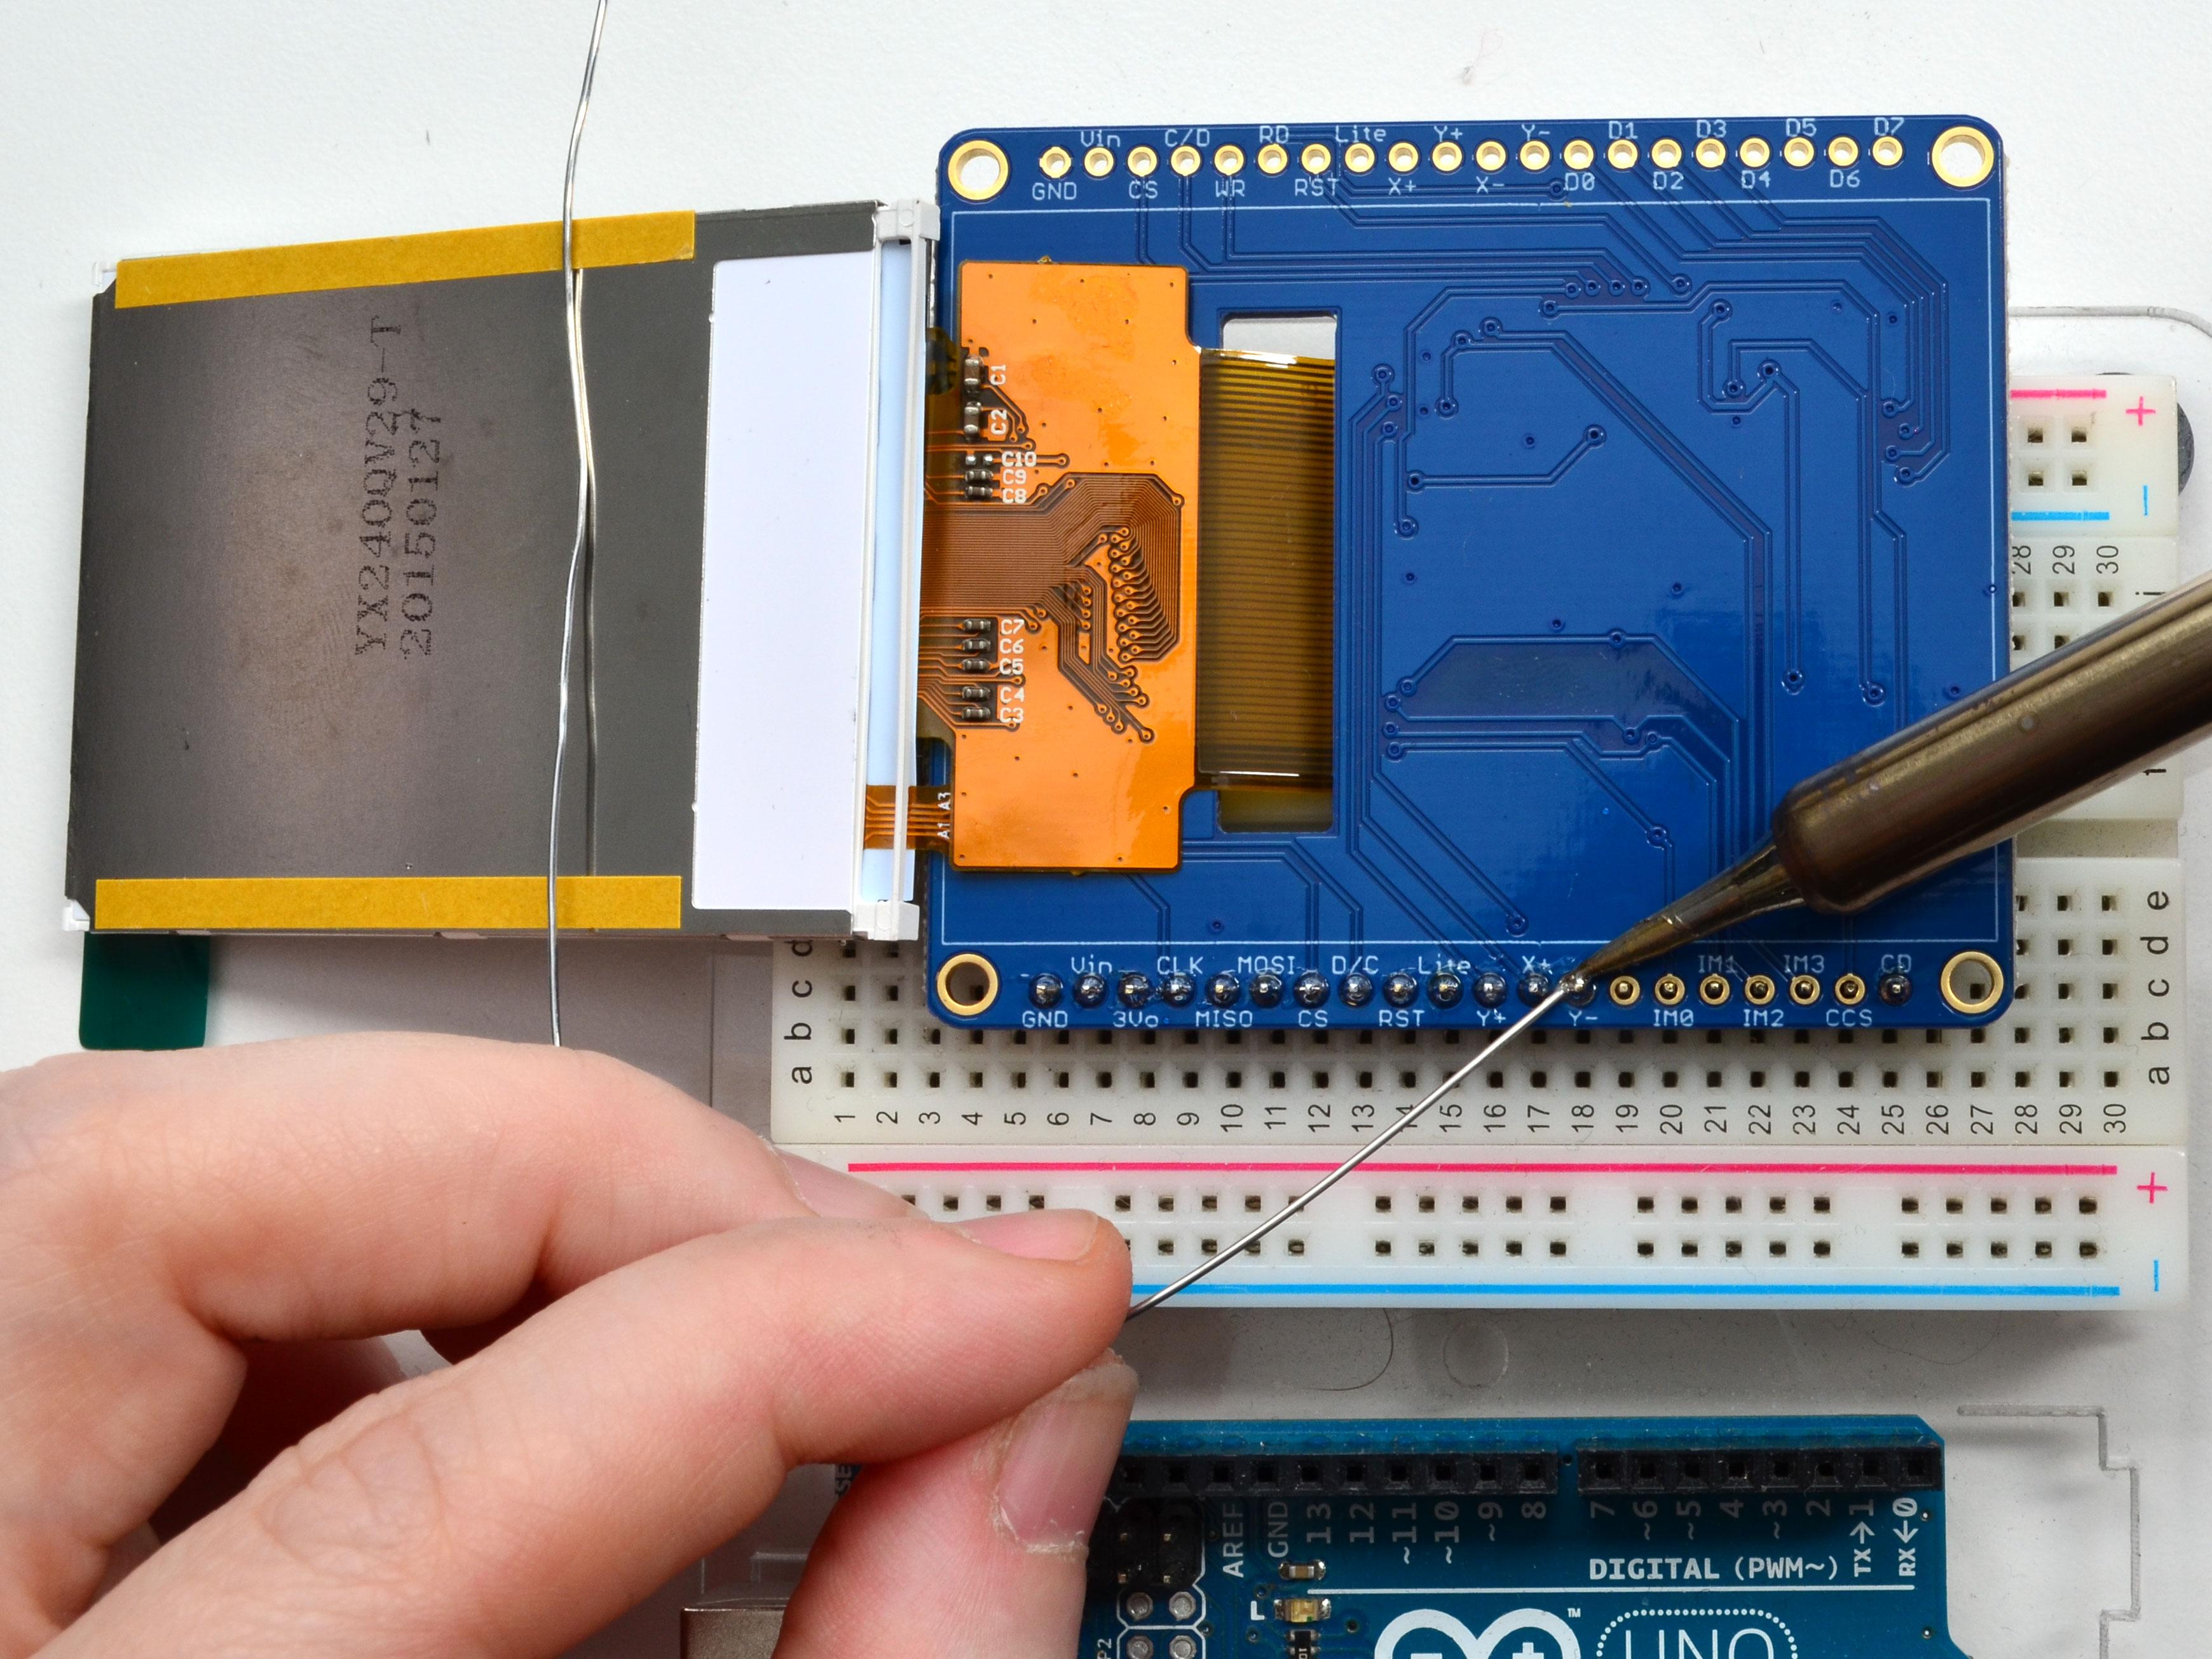 adafruit_products_solder2.jpg